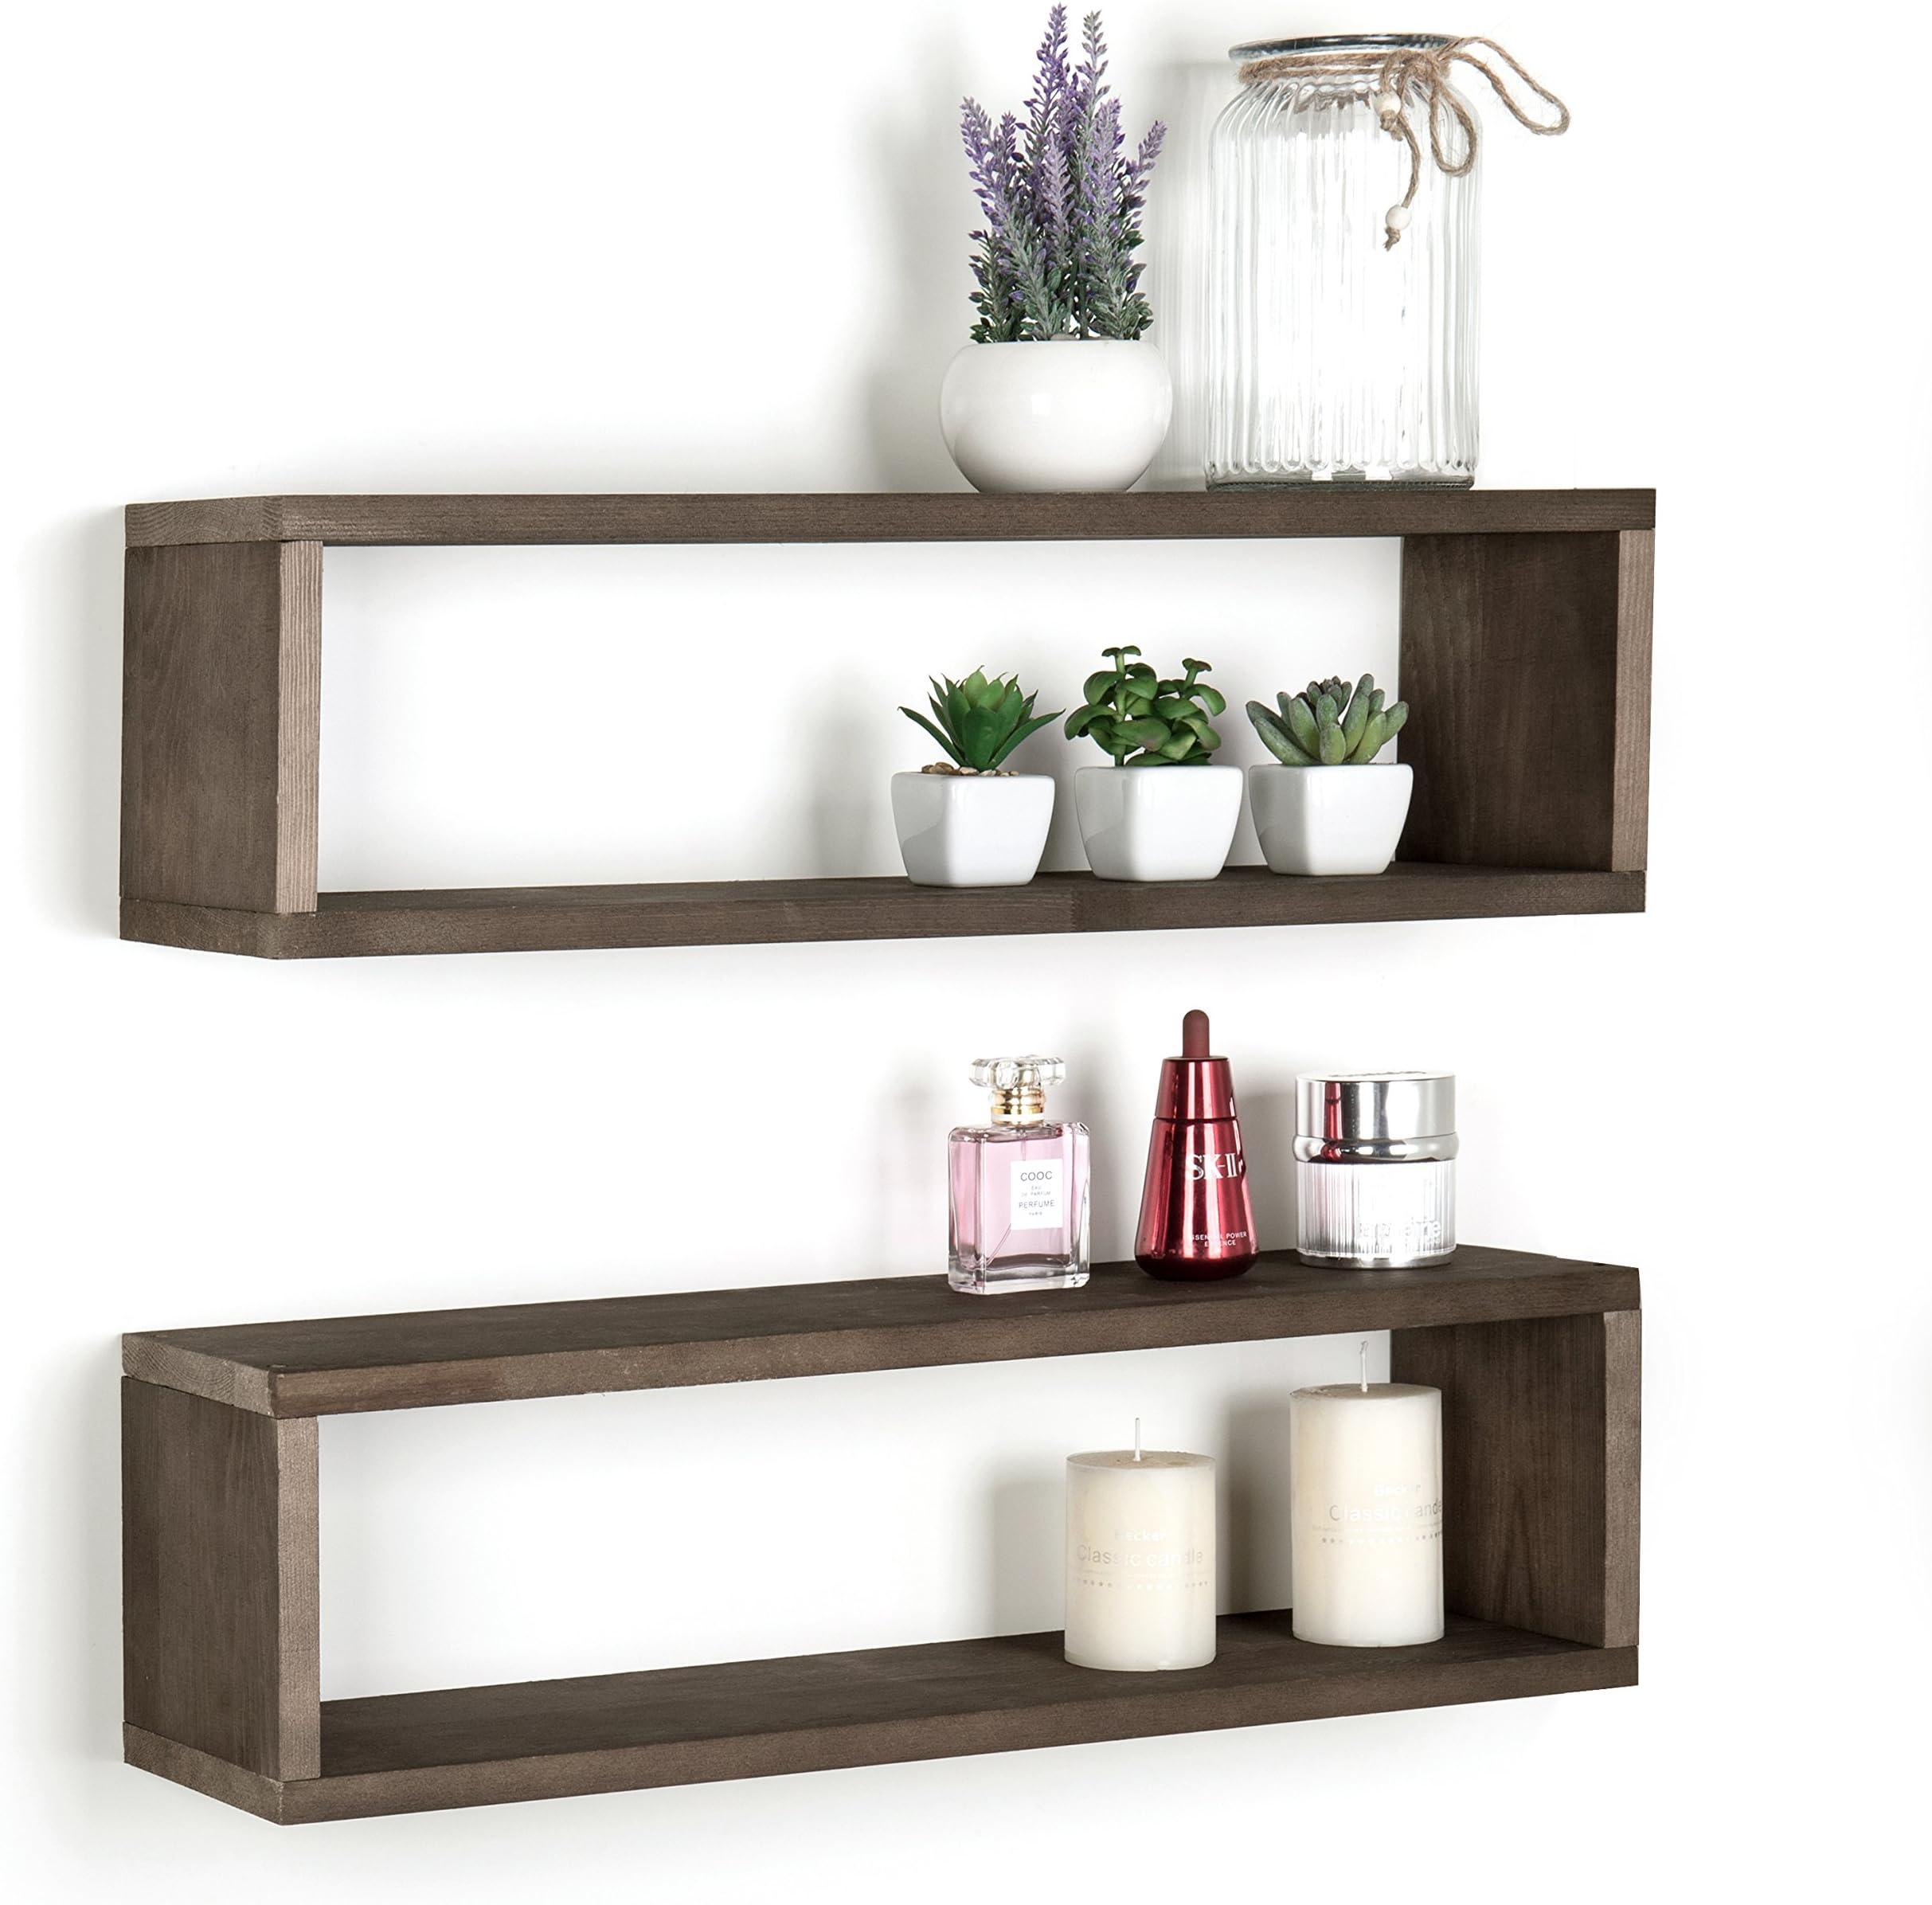 Brown wood set